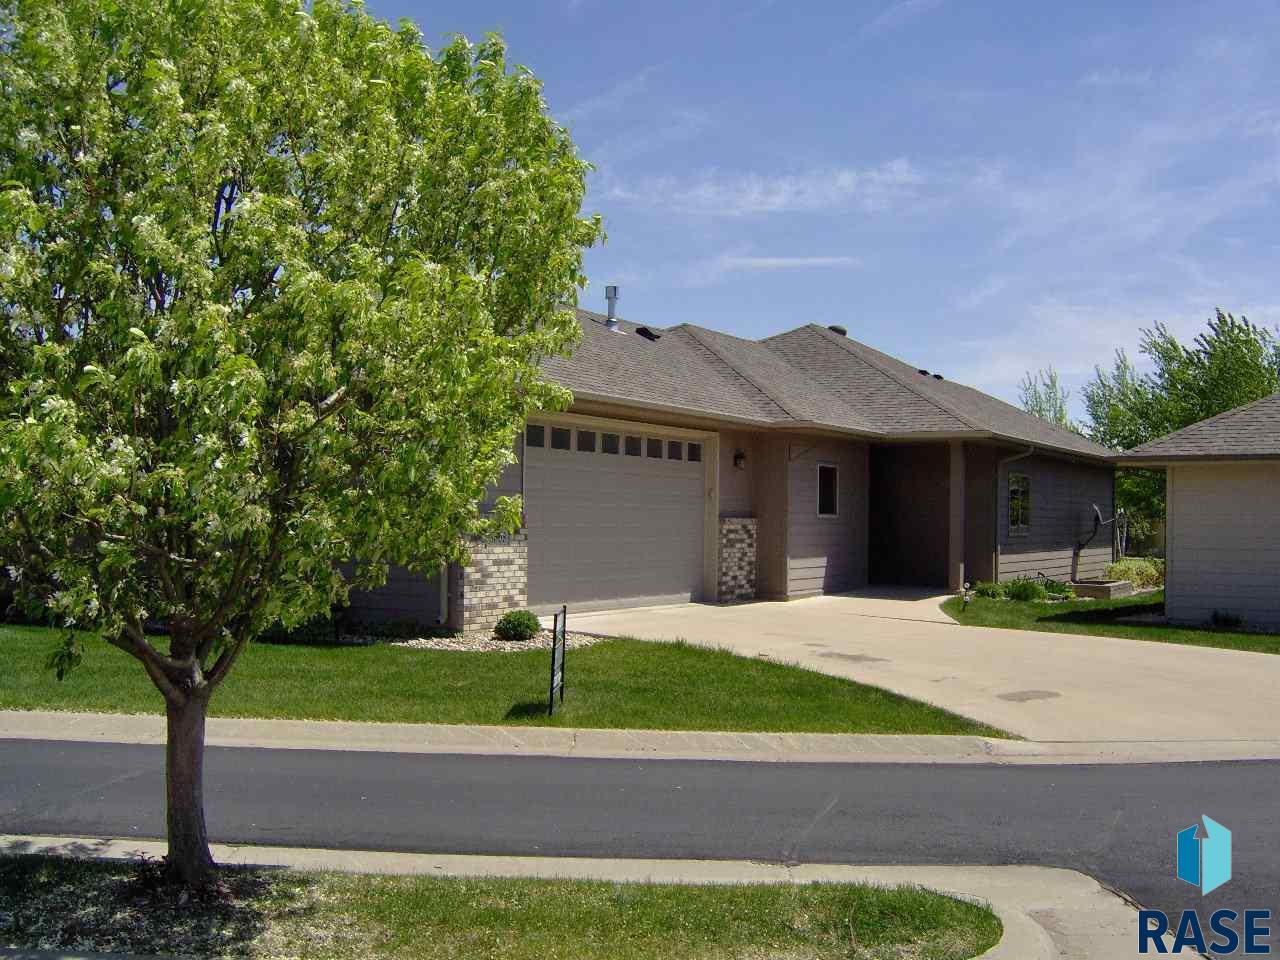 3508 S Prairie Gardens Pl, Sioux Falls, SD 57110